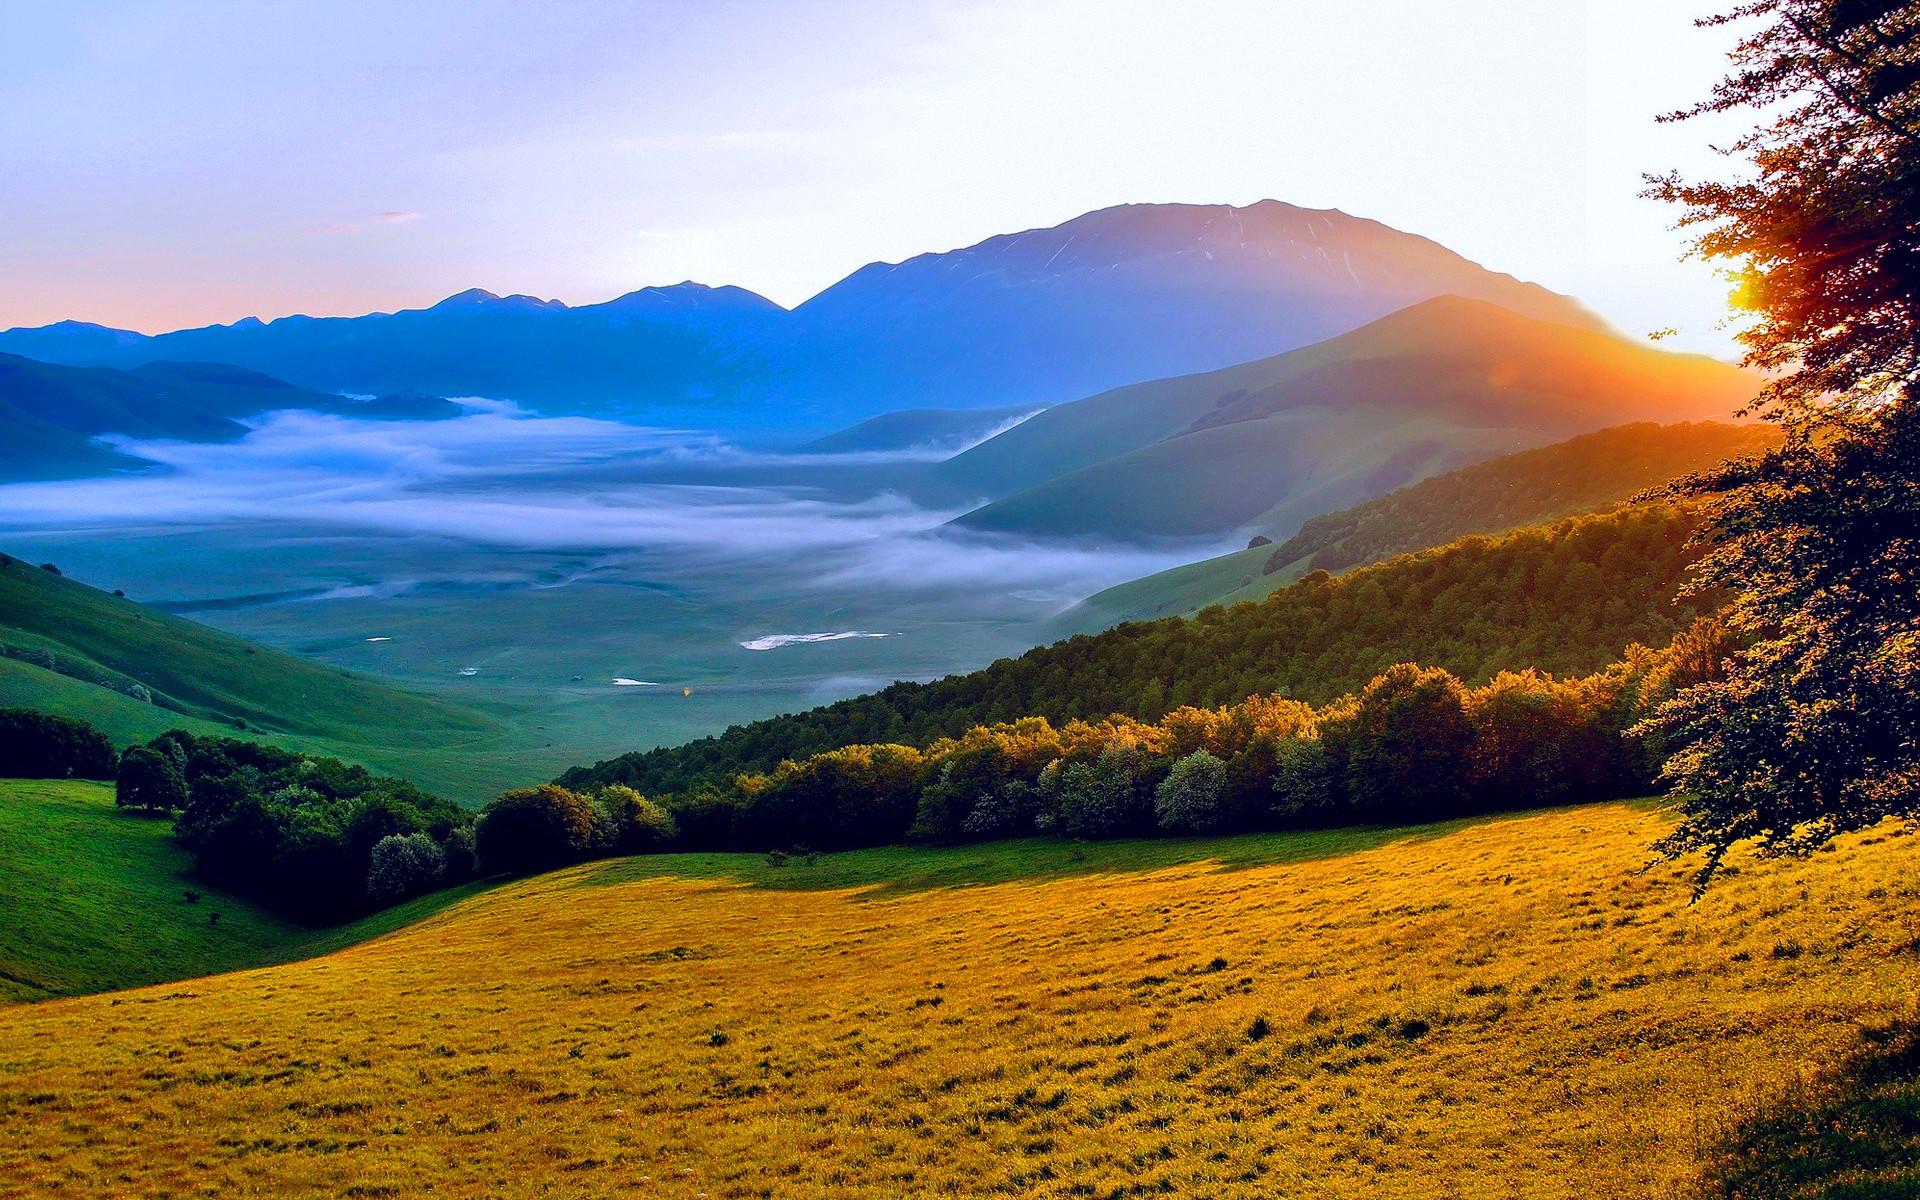 Summer sunset landscape